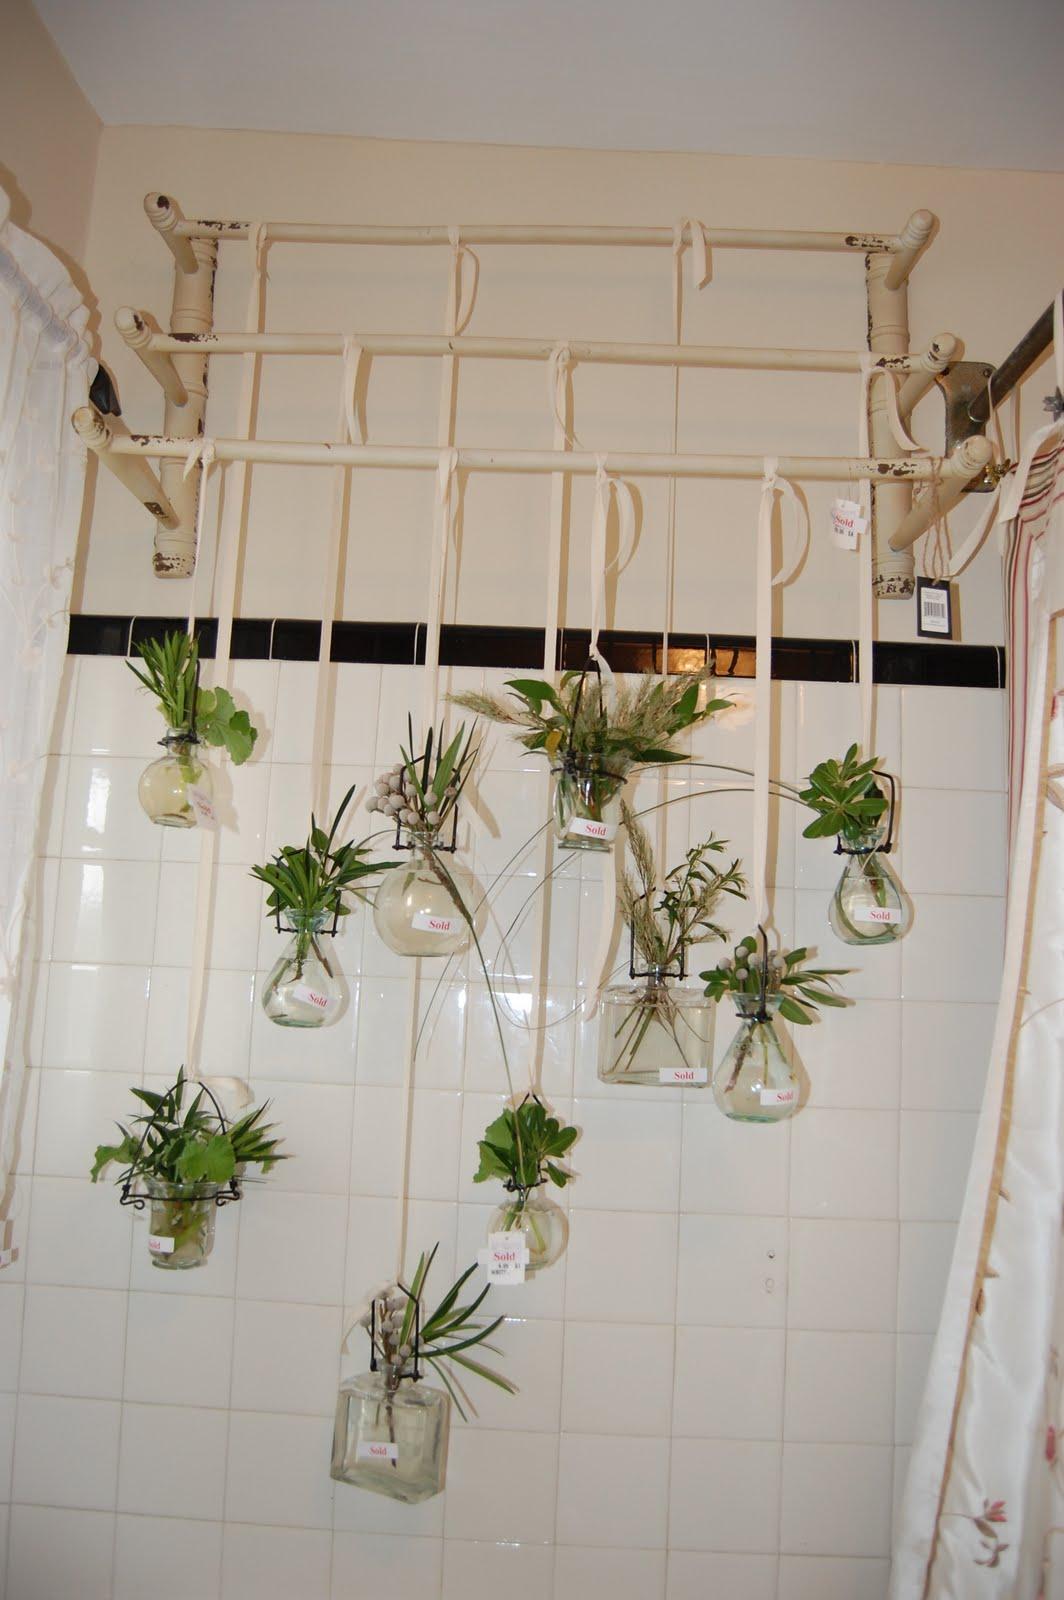 http://2.bp.blogspot.com/-KZqvX6jL4zQ/TanzbW7RWoI/AAAAAAAAC8Q/qSizEz3o6Hg/s1600/Bachman%2527s+Spring+House+026.JPG